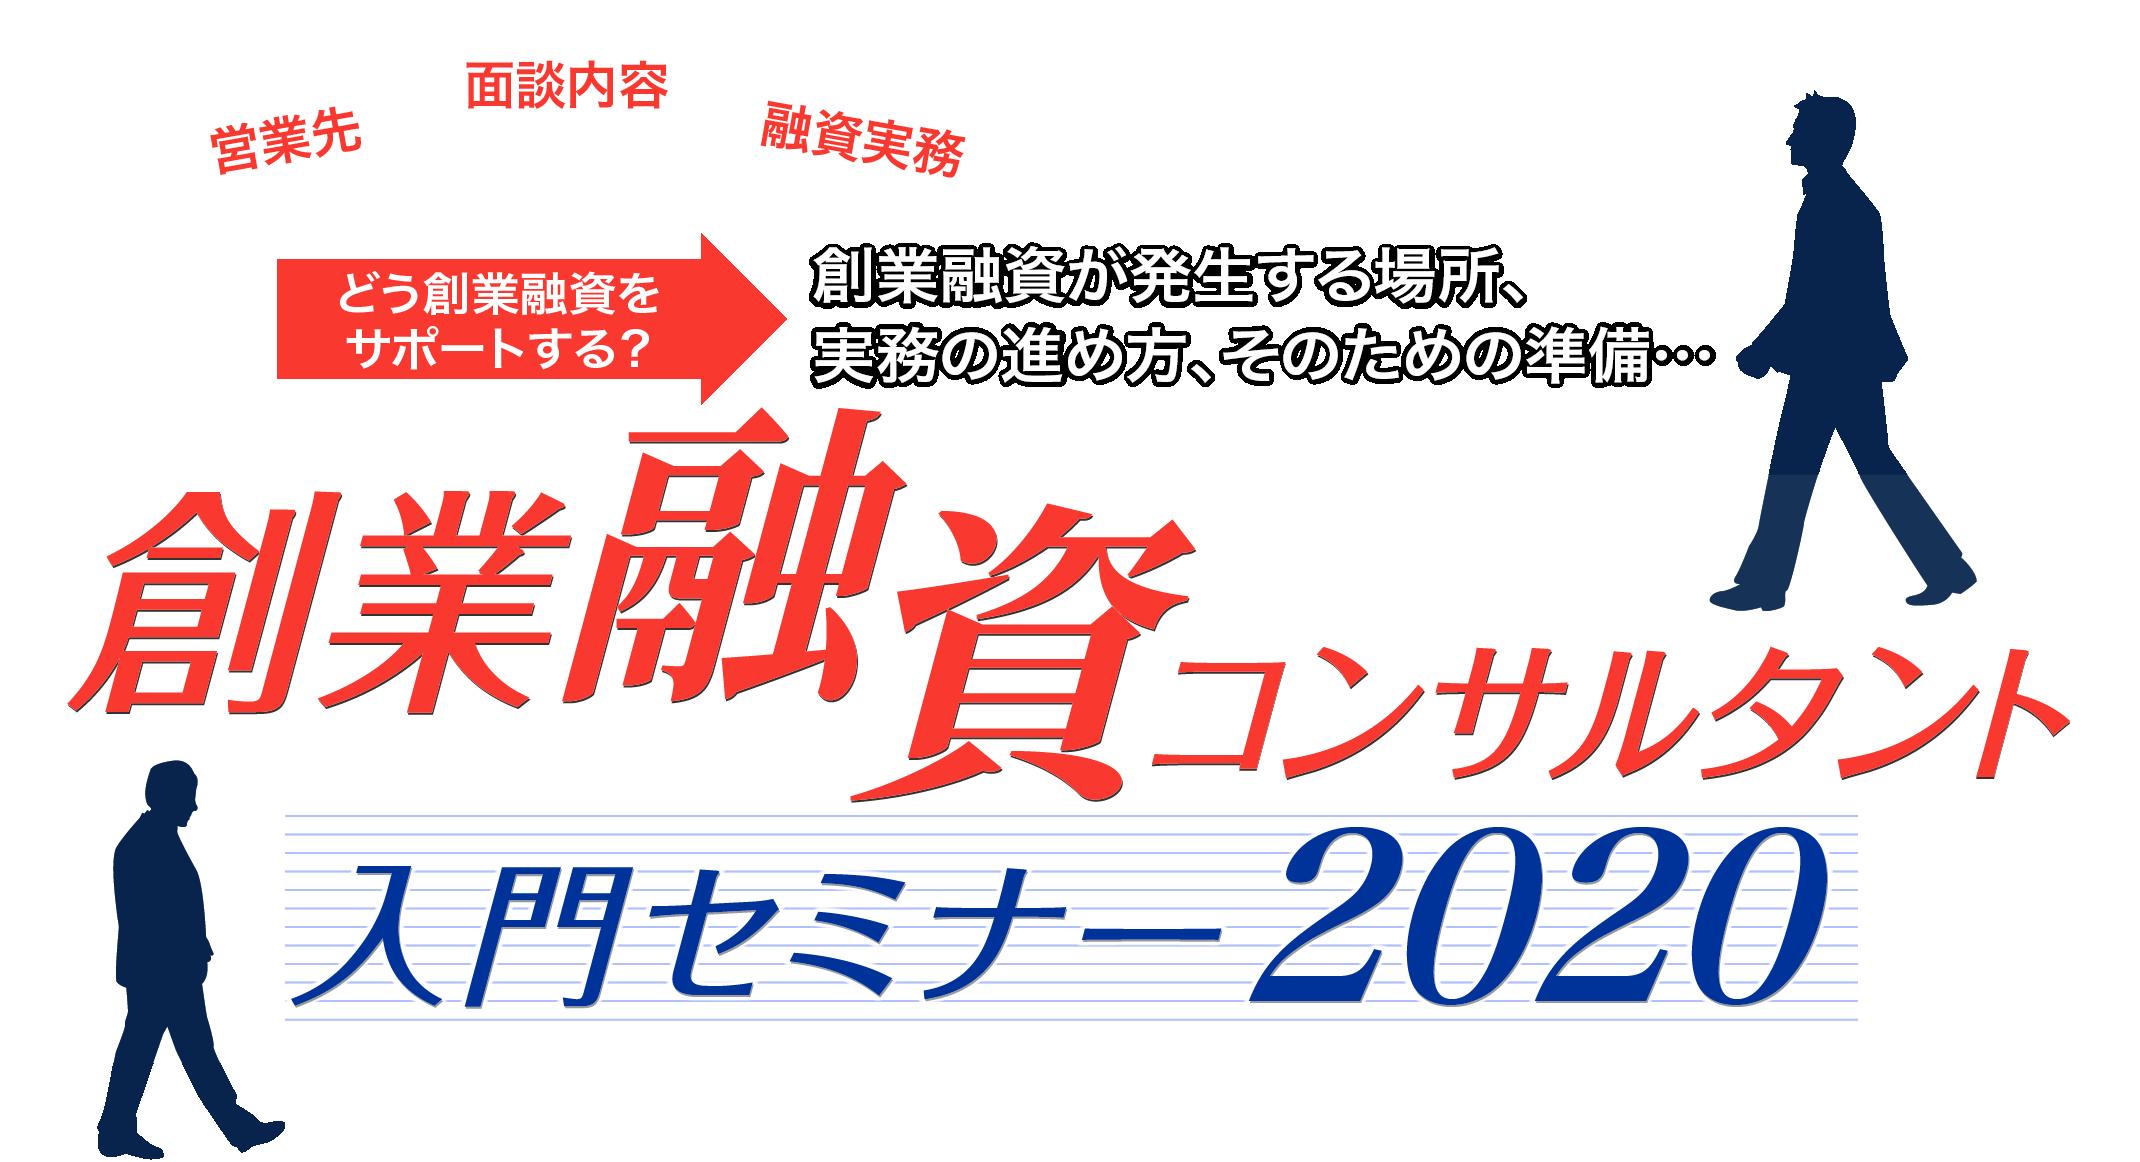 創業融資コンサルタント入門セミナー2020